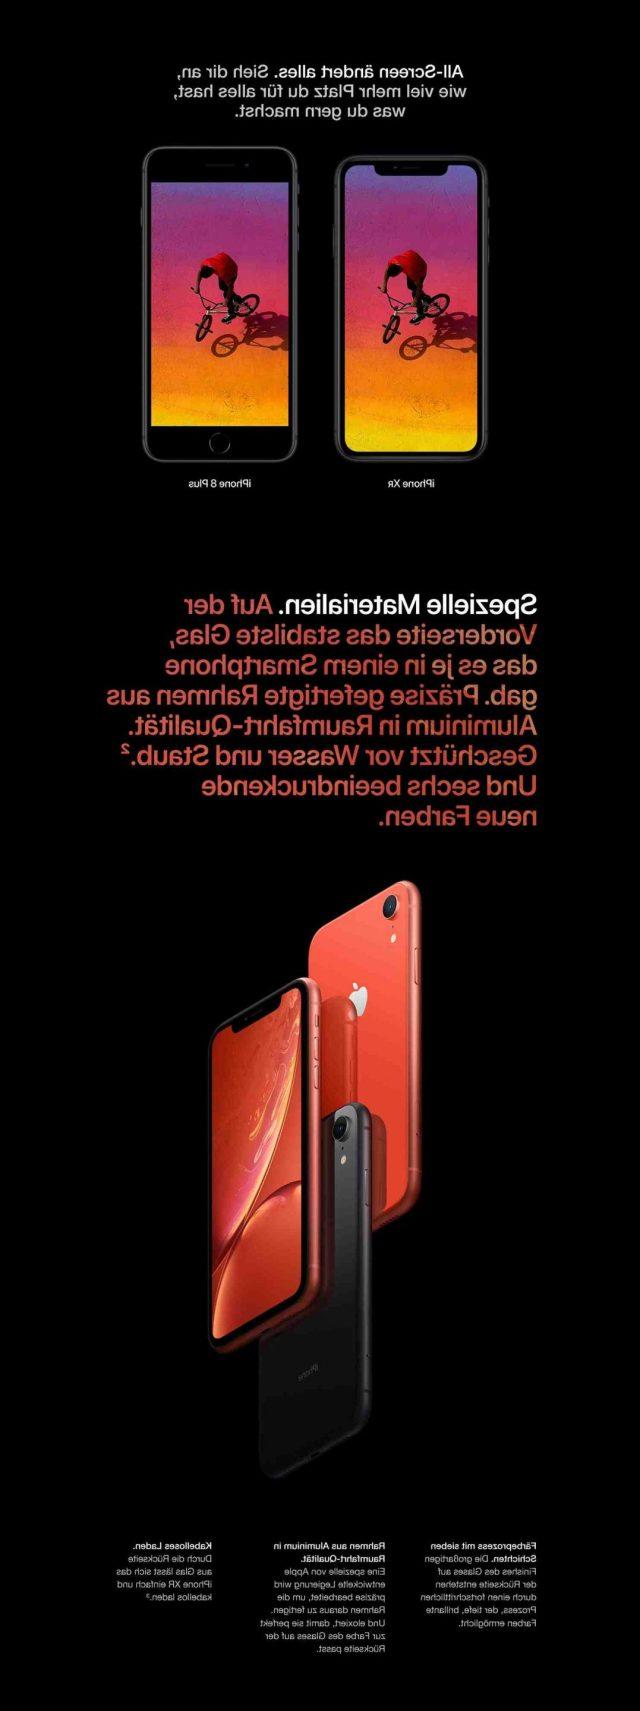 Quel est le prix de l'iPhone XR Max ?